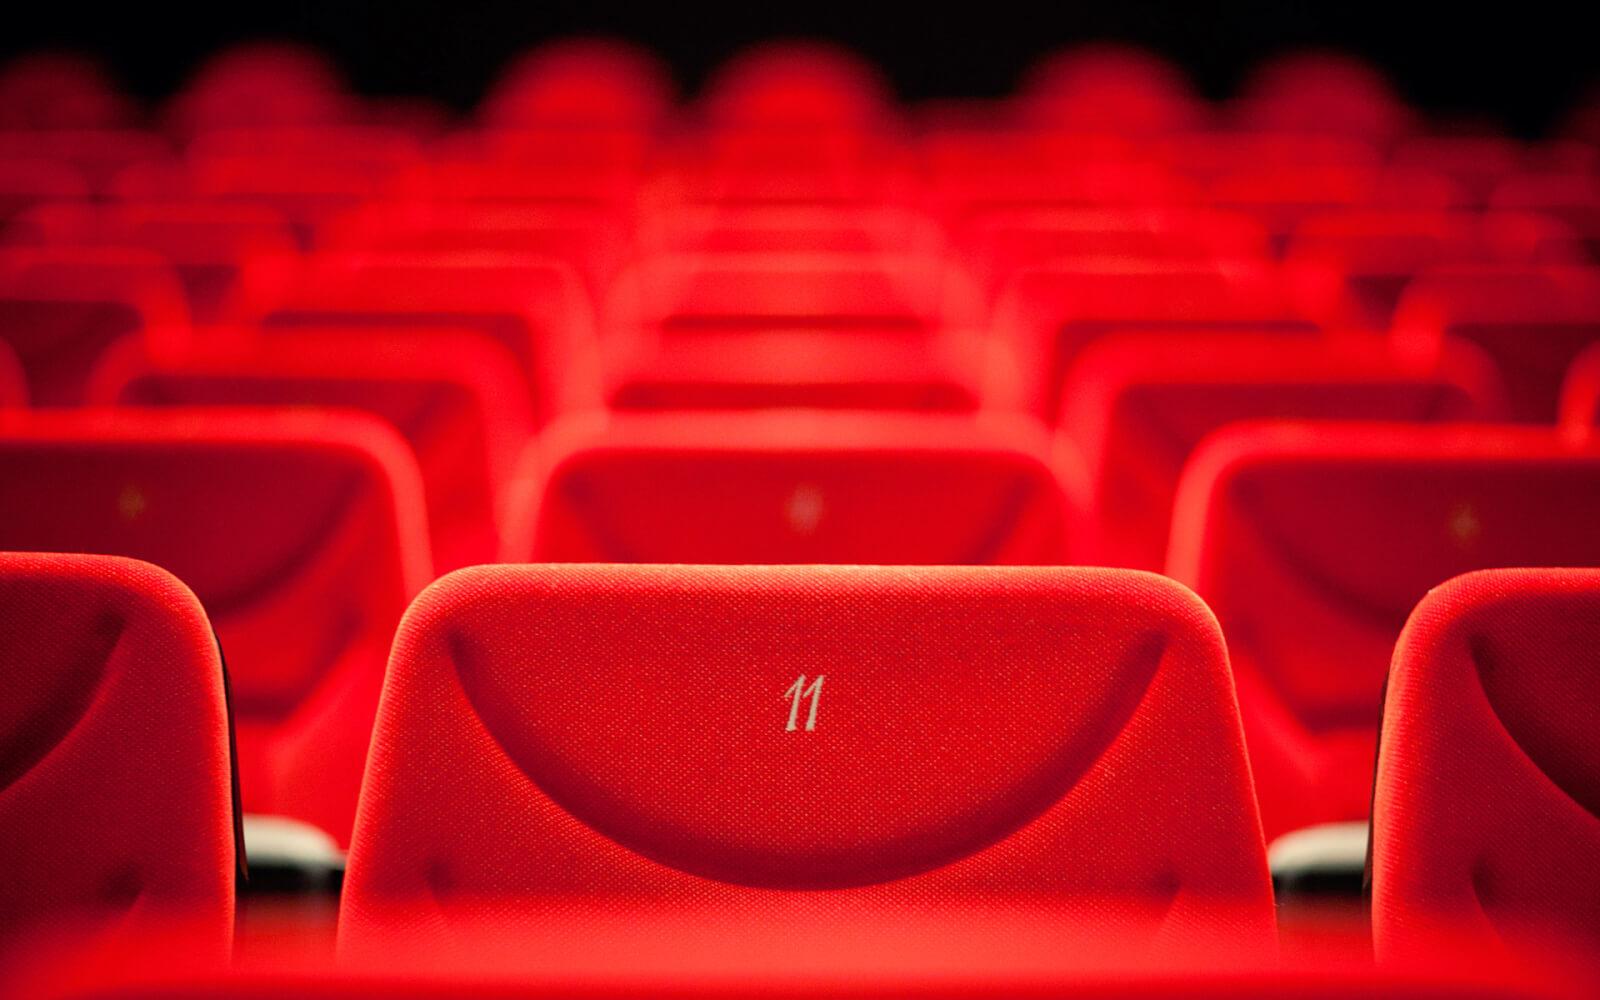 Монолог для поступления в театральный для девушек, который станет ключом от дверей большой сцены